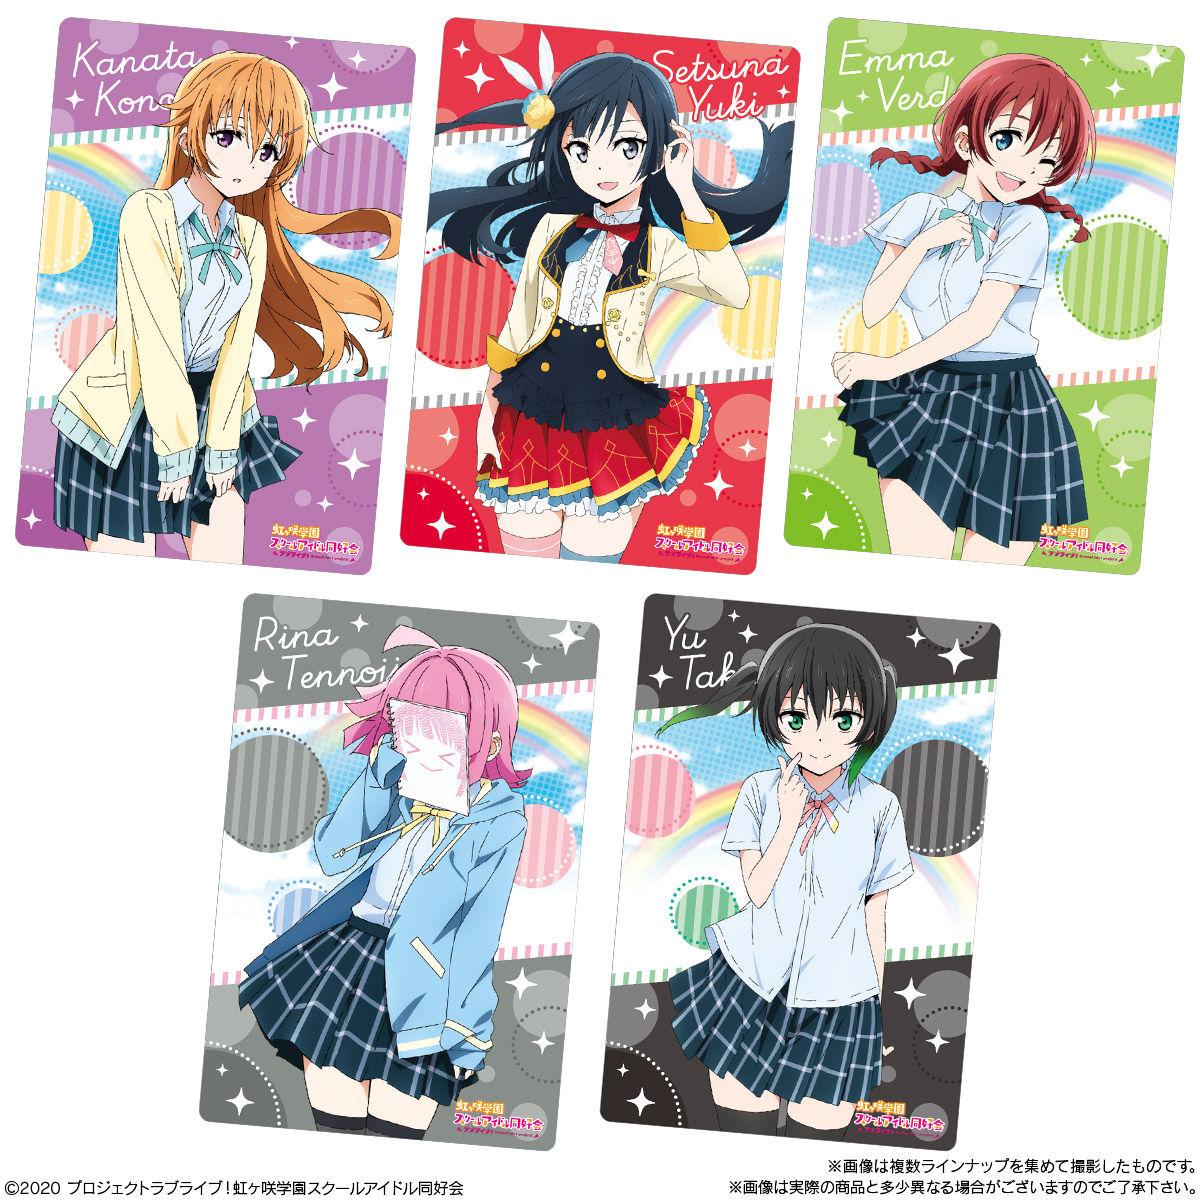 【食玩】ニジガク『ラブライブ!虹ヶ咲学園スクールアイドル同好会 ウエハース』20個入りBOX-007